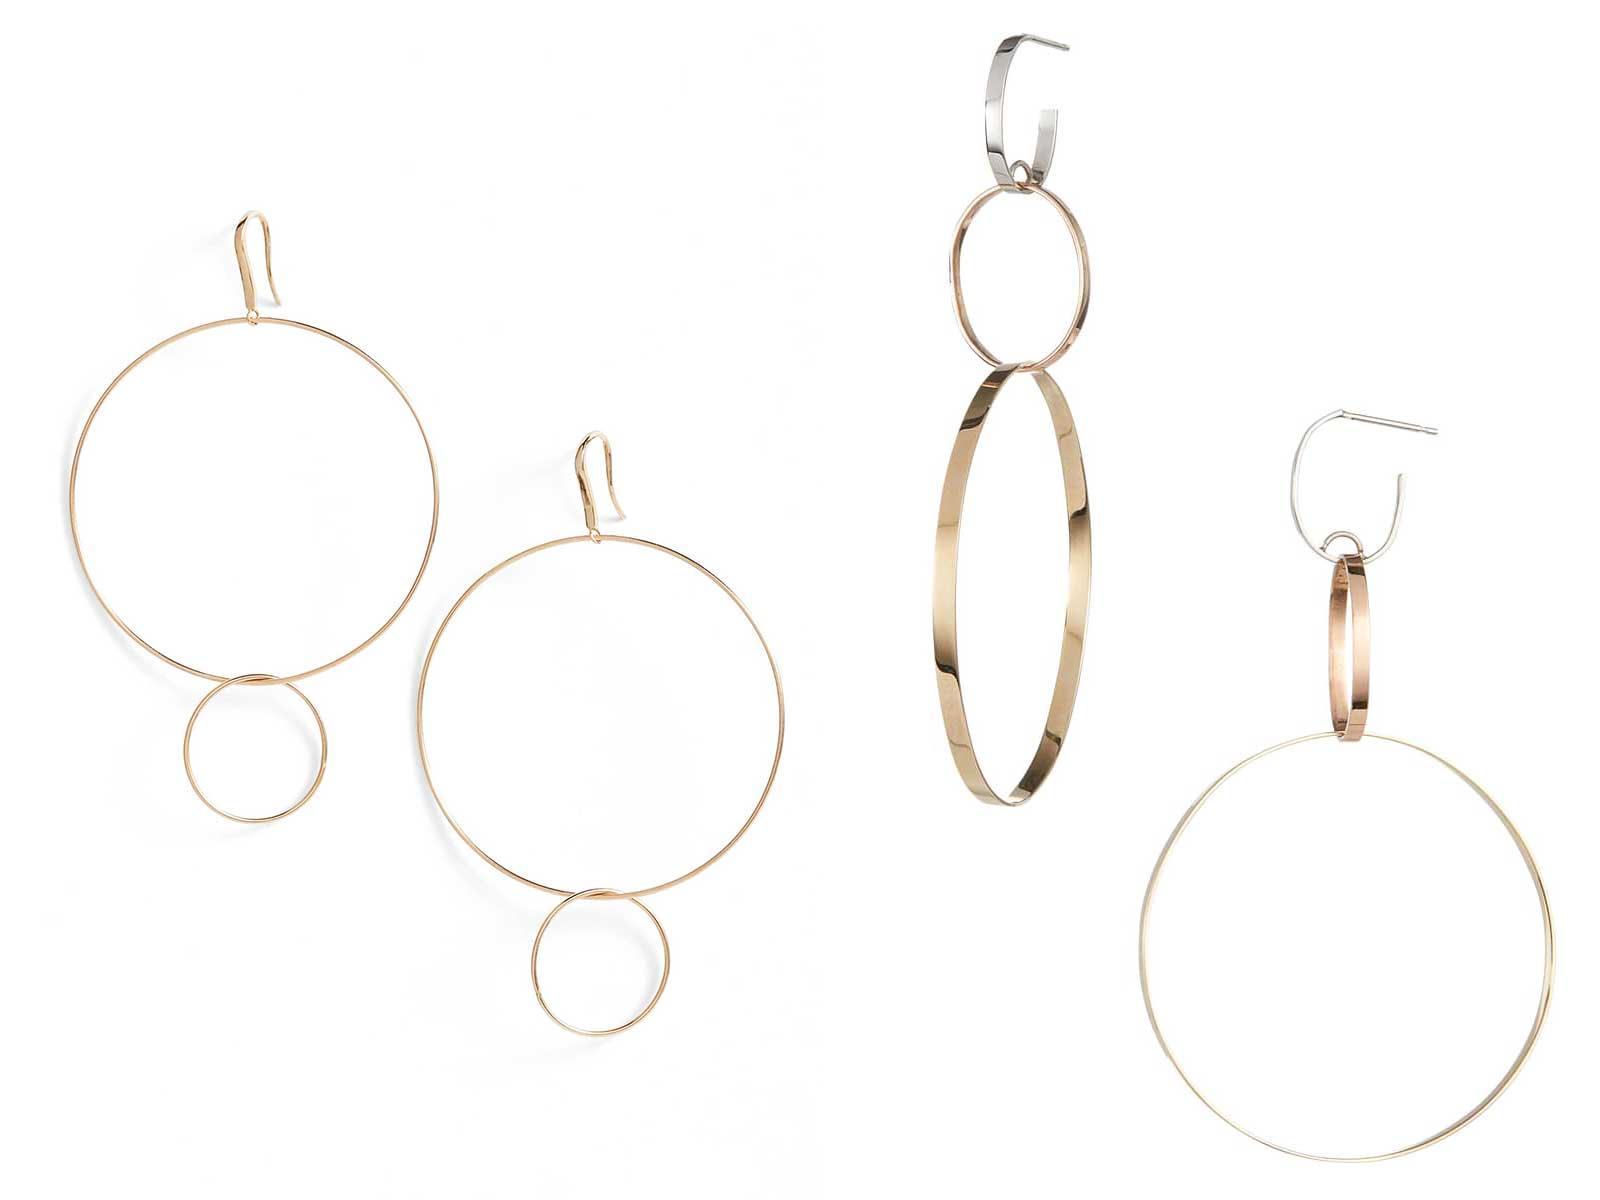 Frontal Hoop Earrings and Three-Link Hoop Drop Earrings by Lana Jewelry, Runway Jewelry Trends 2019